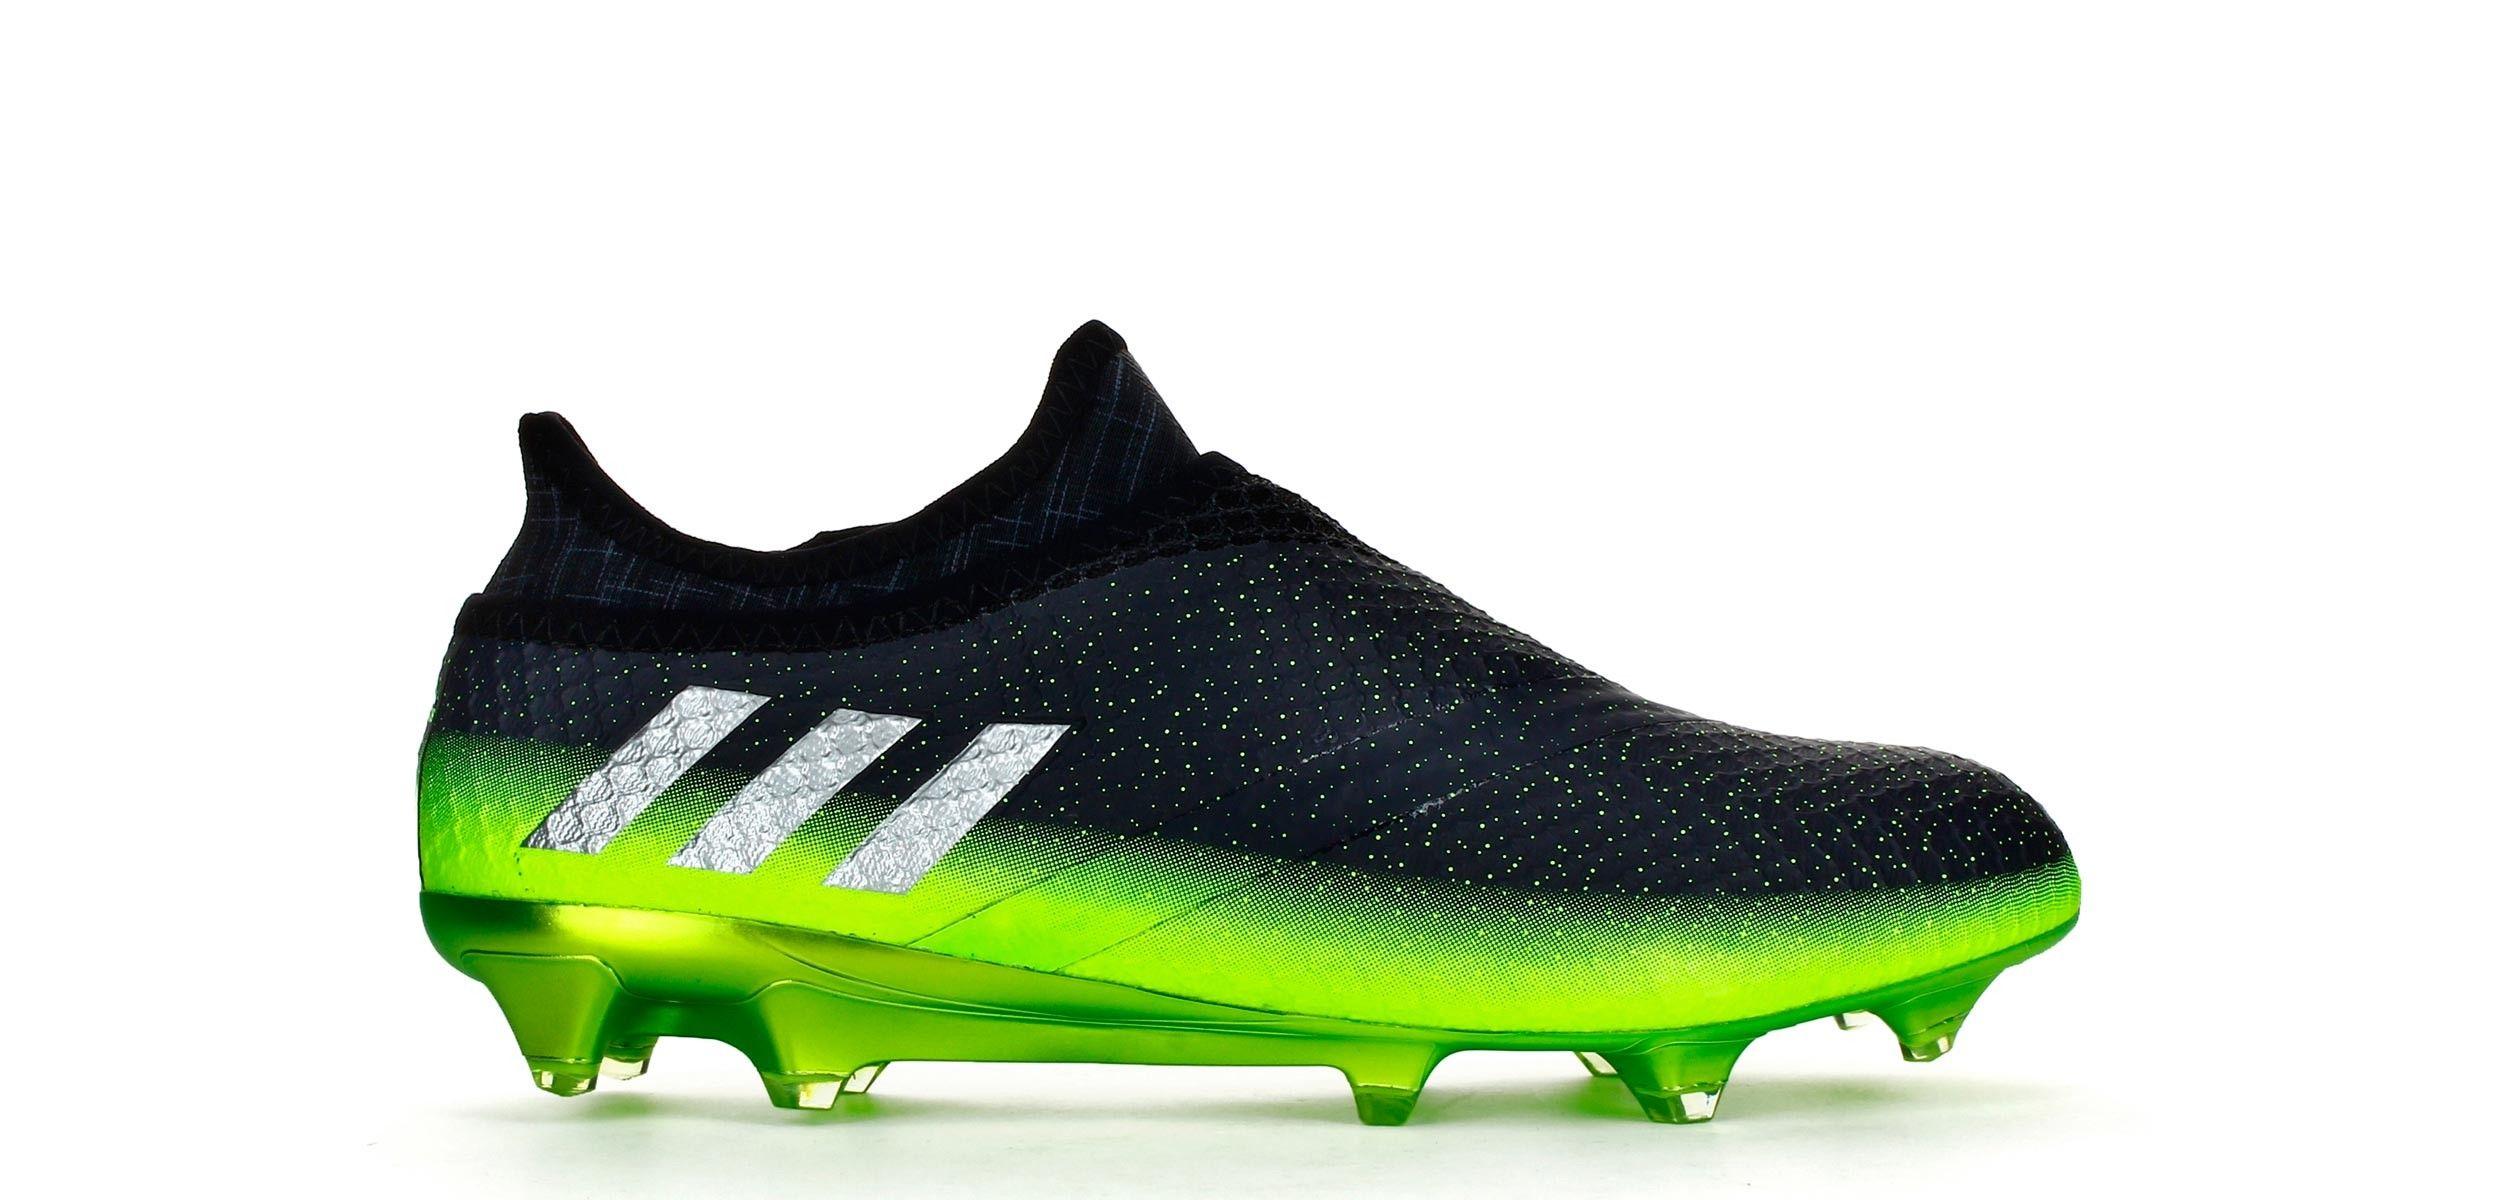 on sale 62109 3a27a Botas de fútbol adidas Messi 16+ Pureagility FG - Gris Oscuro   Verde Solar  - Exterior pie derecho